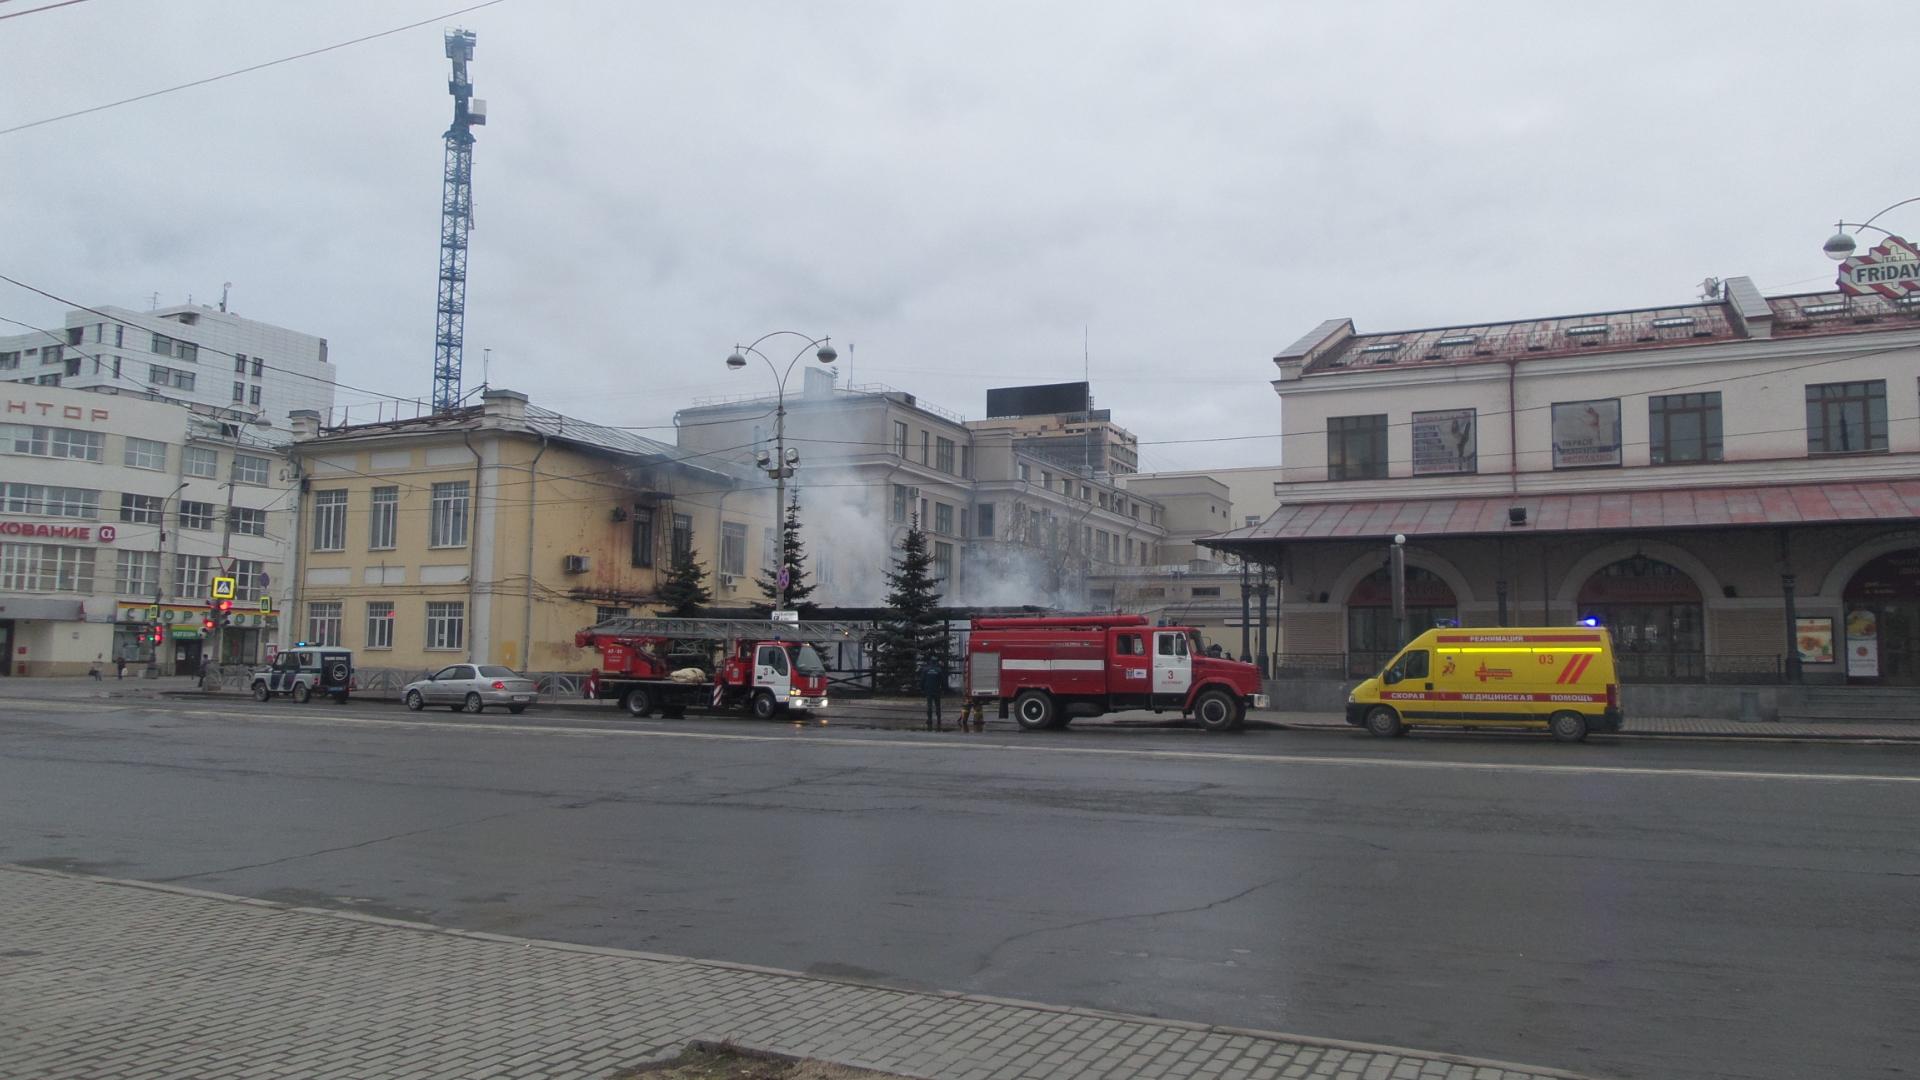 Вцентре Екатеринбурга сгорела летняя веранда кафе— Жаркое утро